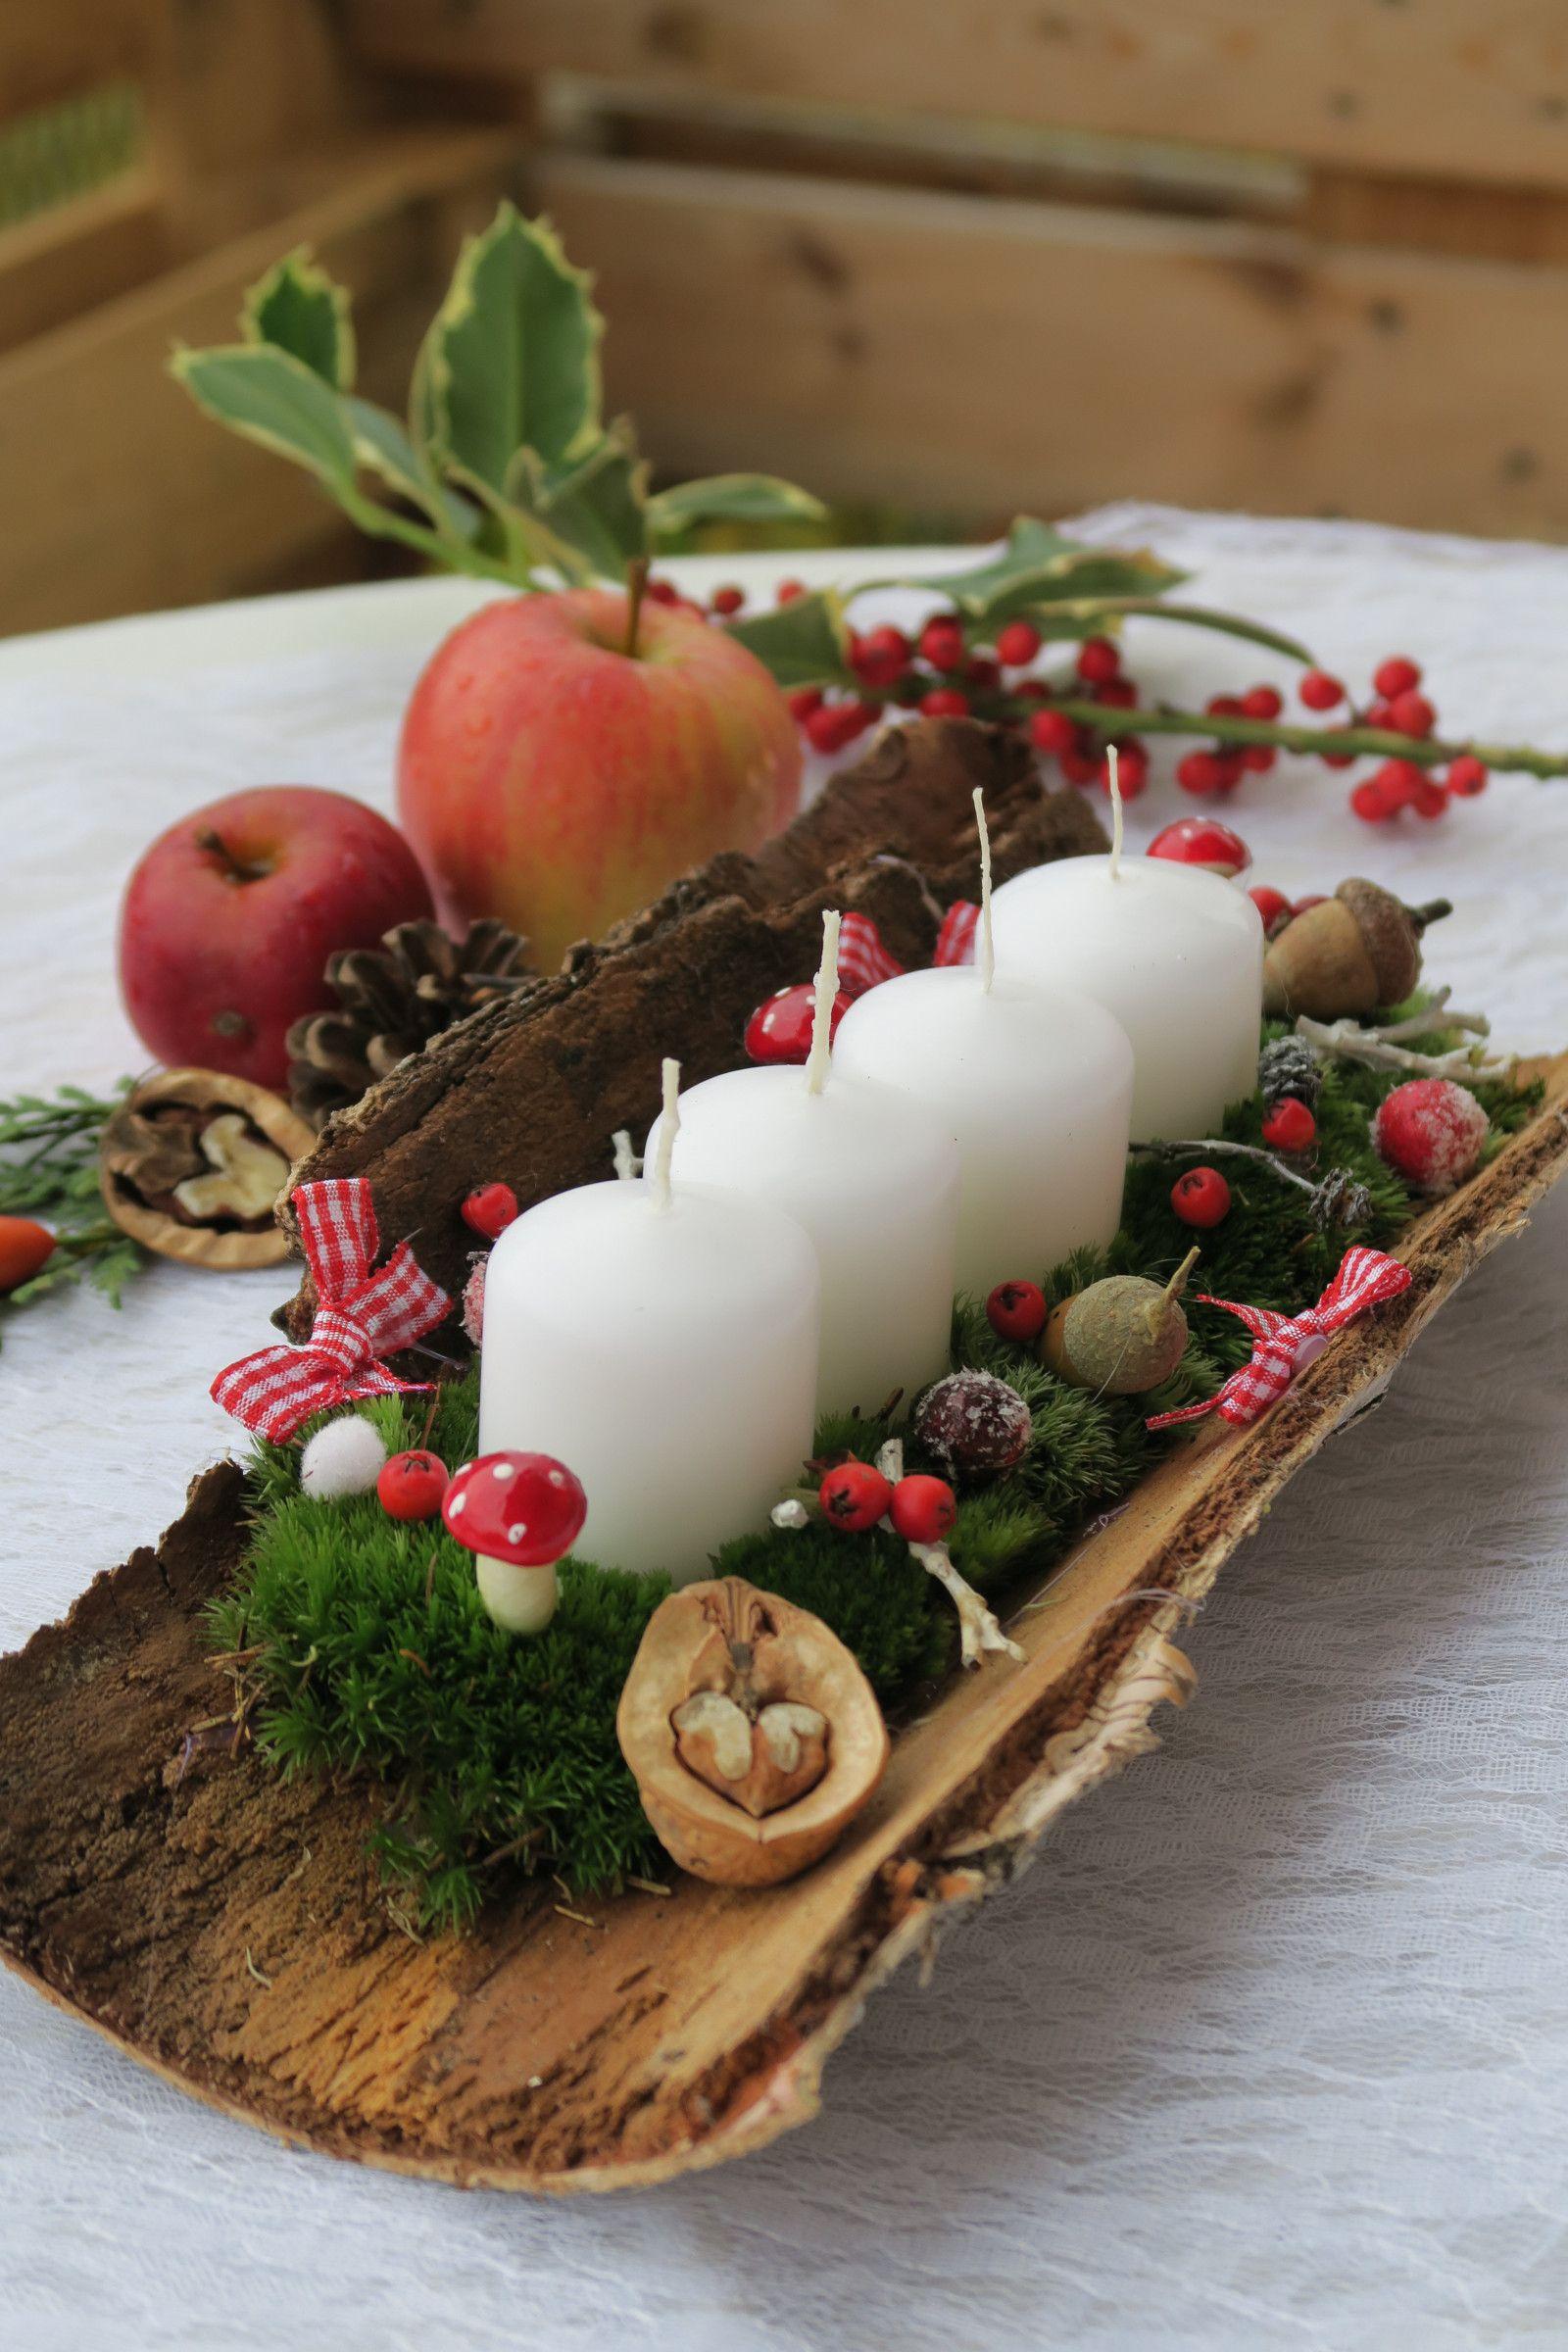 Türkränze resultado de imagen para weihnachtliche türkränze adornos de